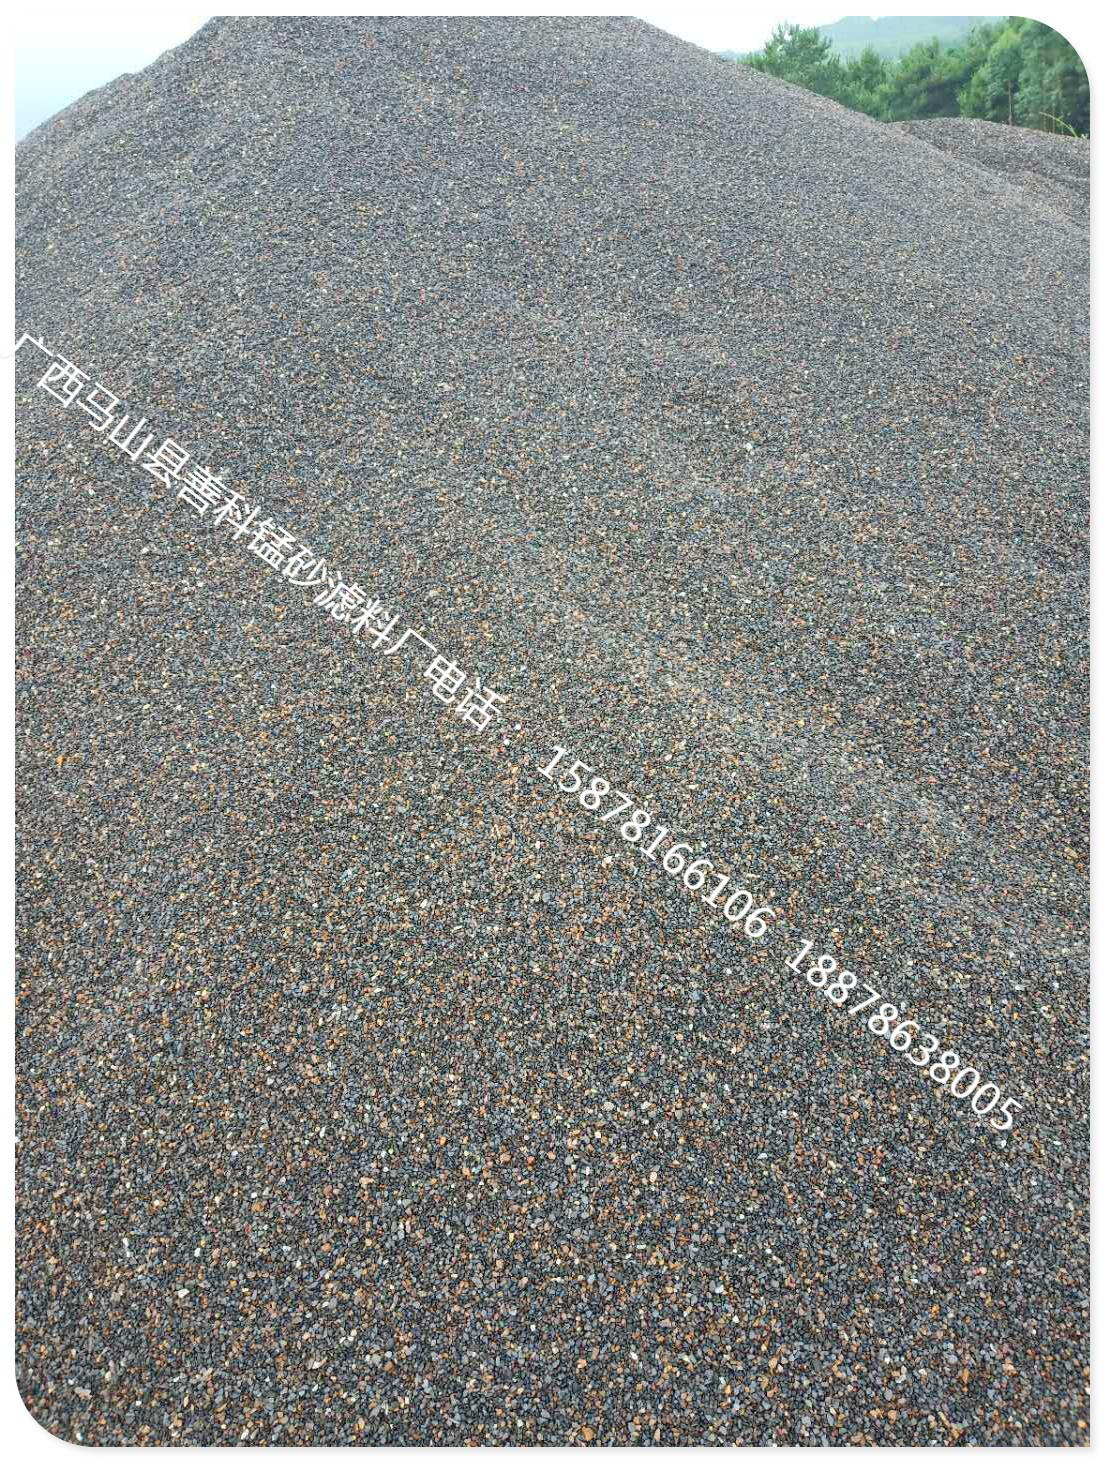 优质06至1mm锰砂滤料供应商-厂家-批发